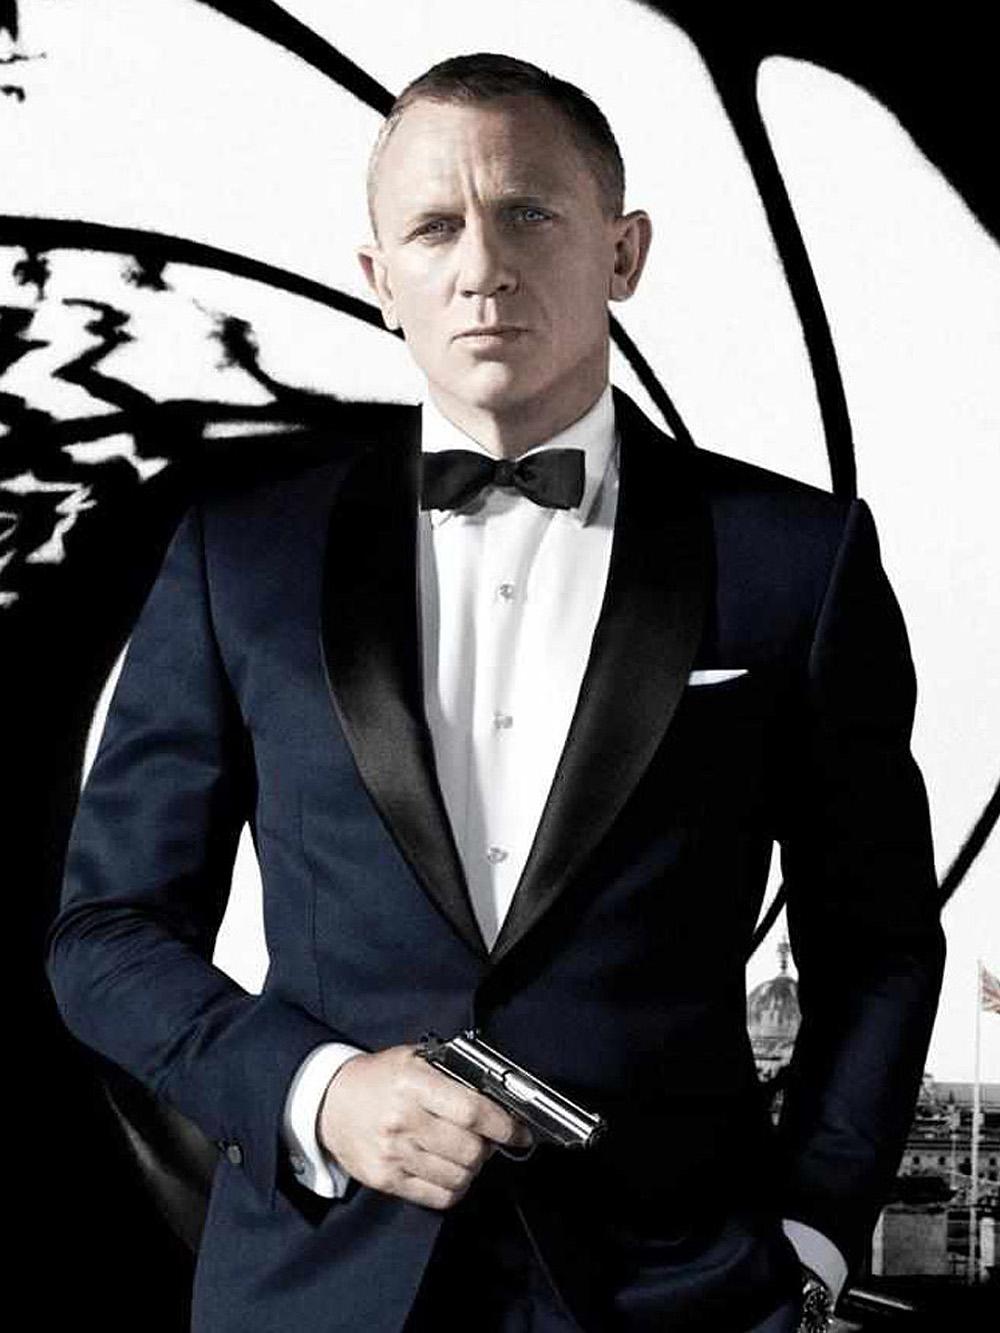 James Bond Tuxedo.jpg